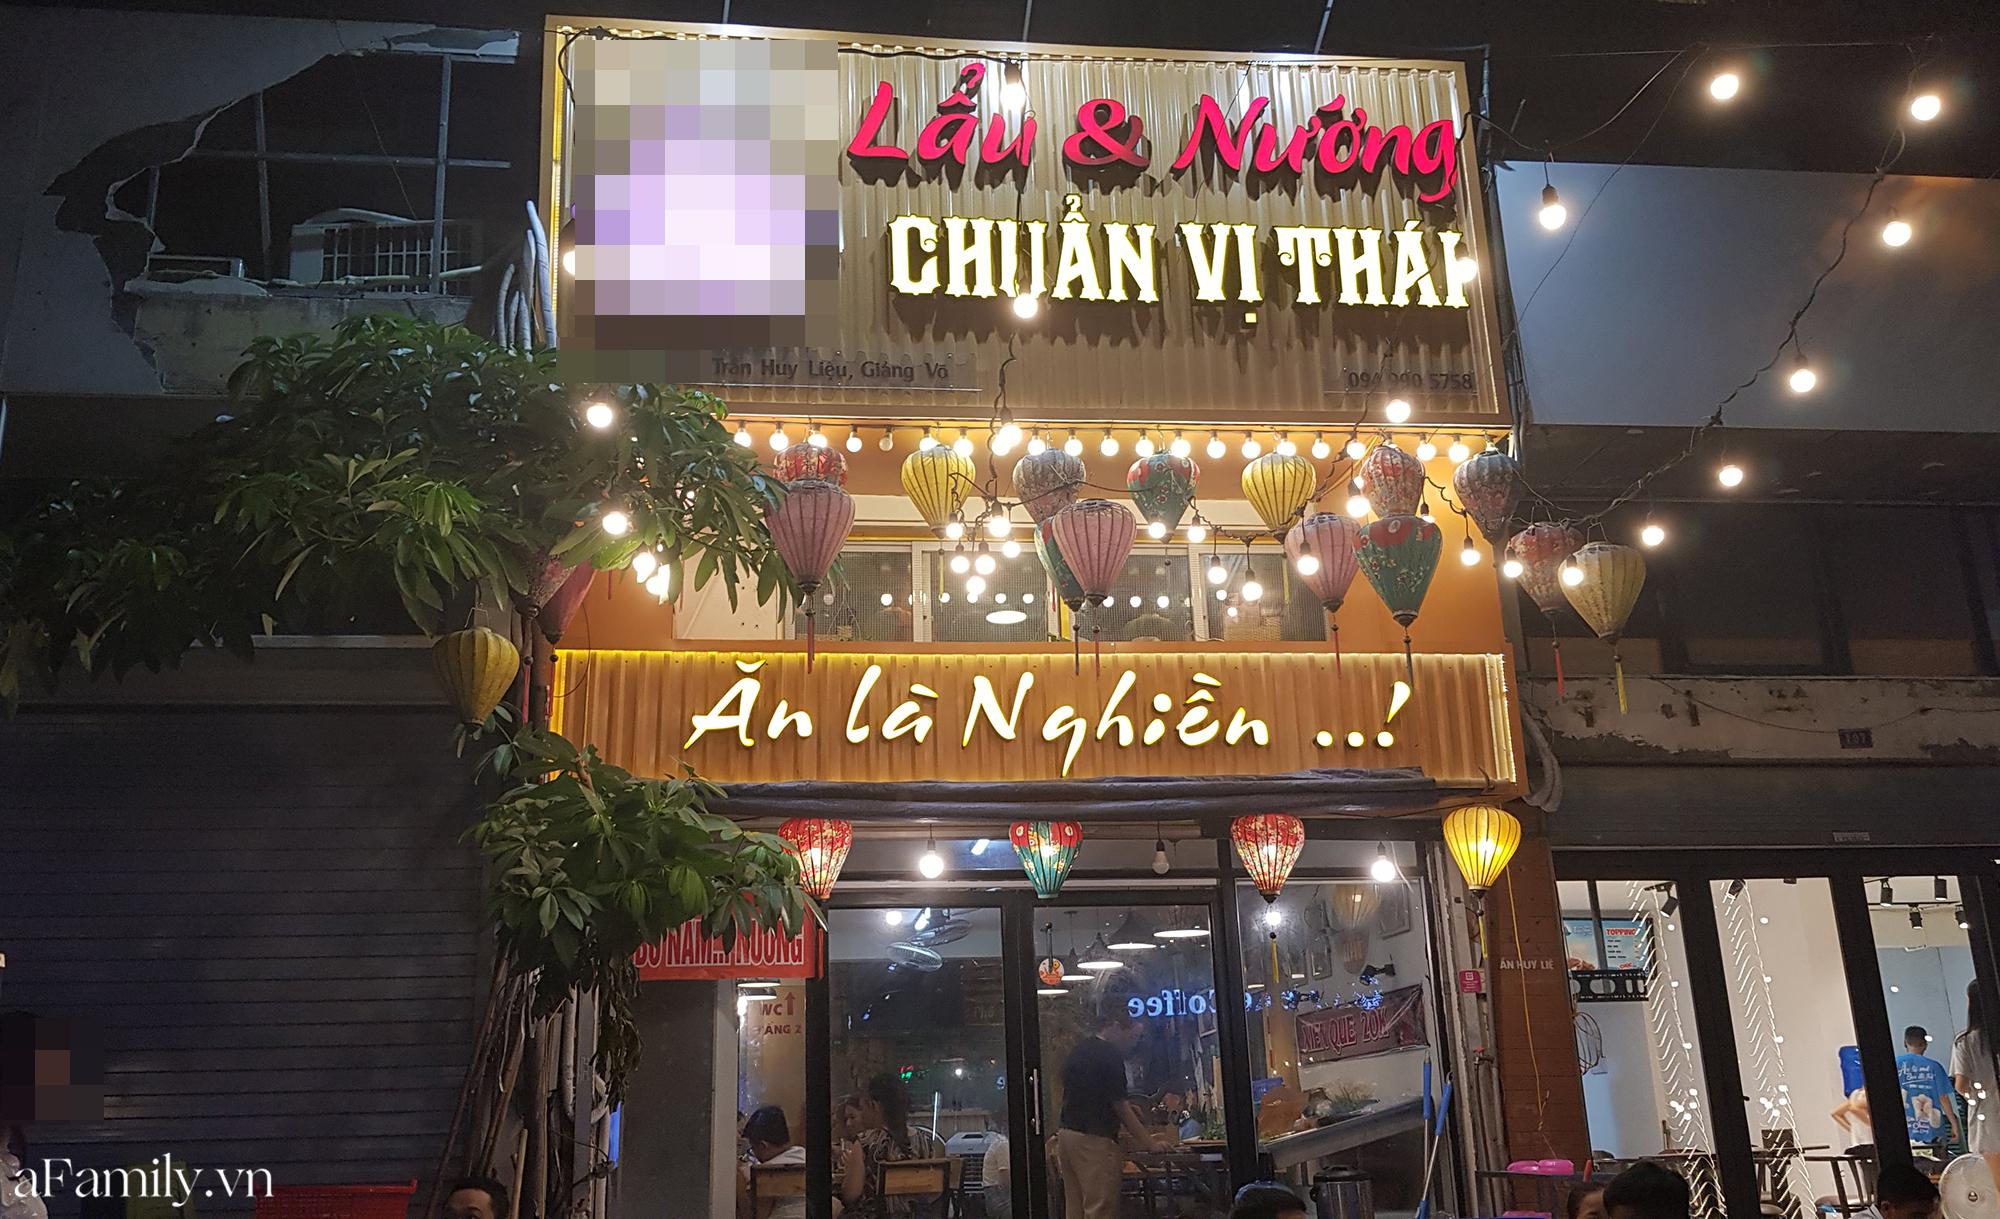 """Dân mạng chê quán ăn tại Hà Nội có món sườn cay khổng lồ phong cách Thái Lan """"đượm mùi tủ lạnh"""", vậy còn thực tế ra sao, liệu có như lời đồn? - Ảnh 2."""